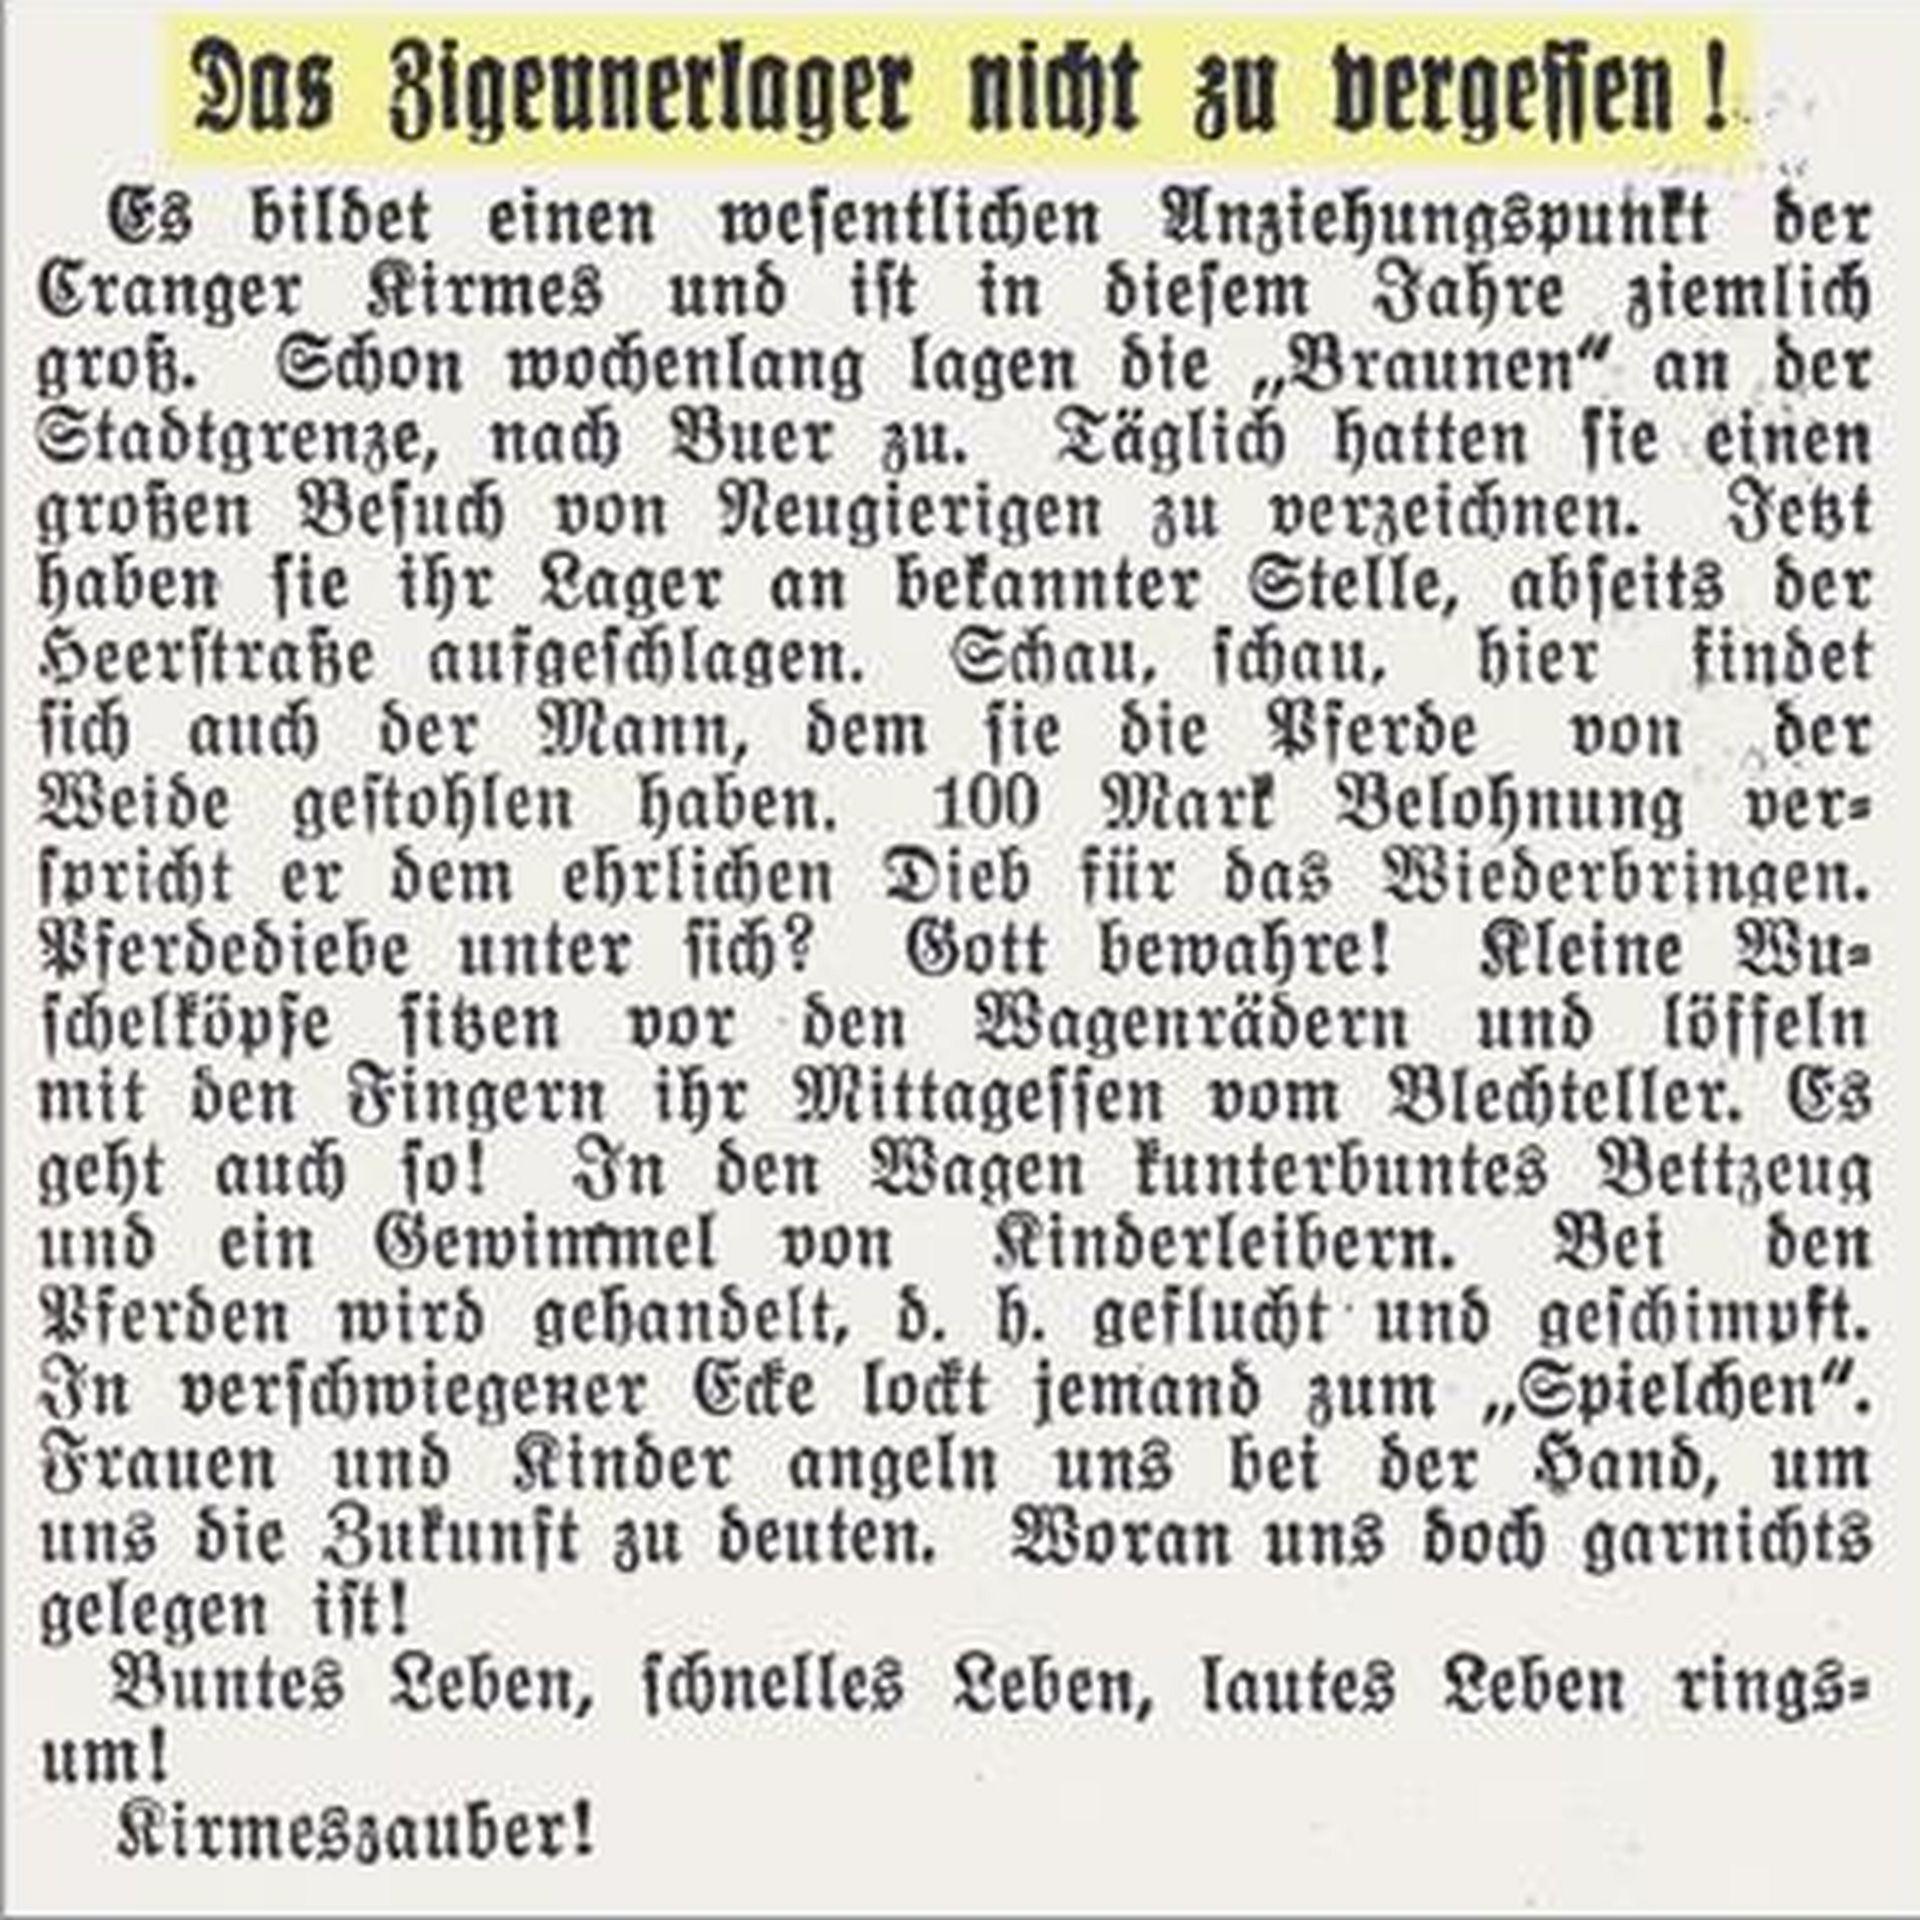 Wanne-Eickeler Zeitung vom 13.08.1932.jpg